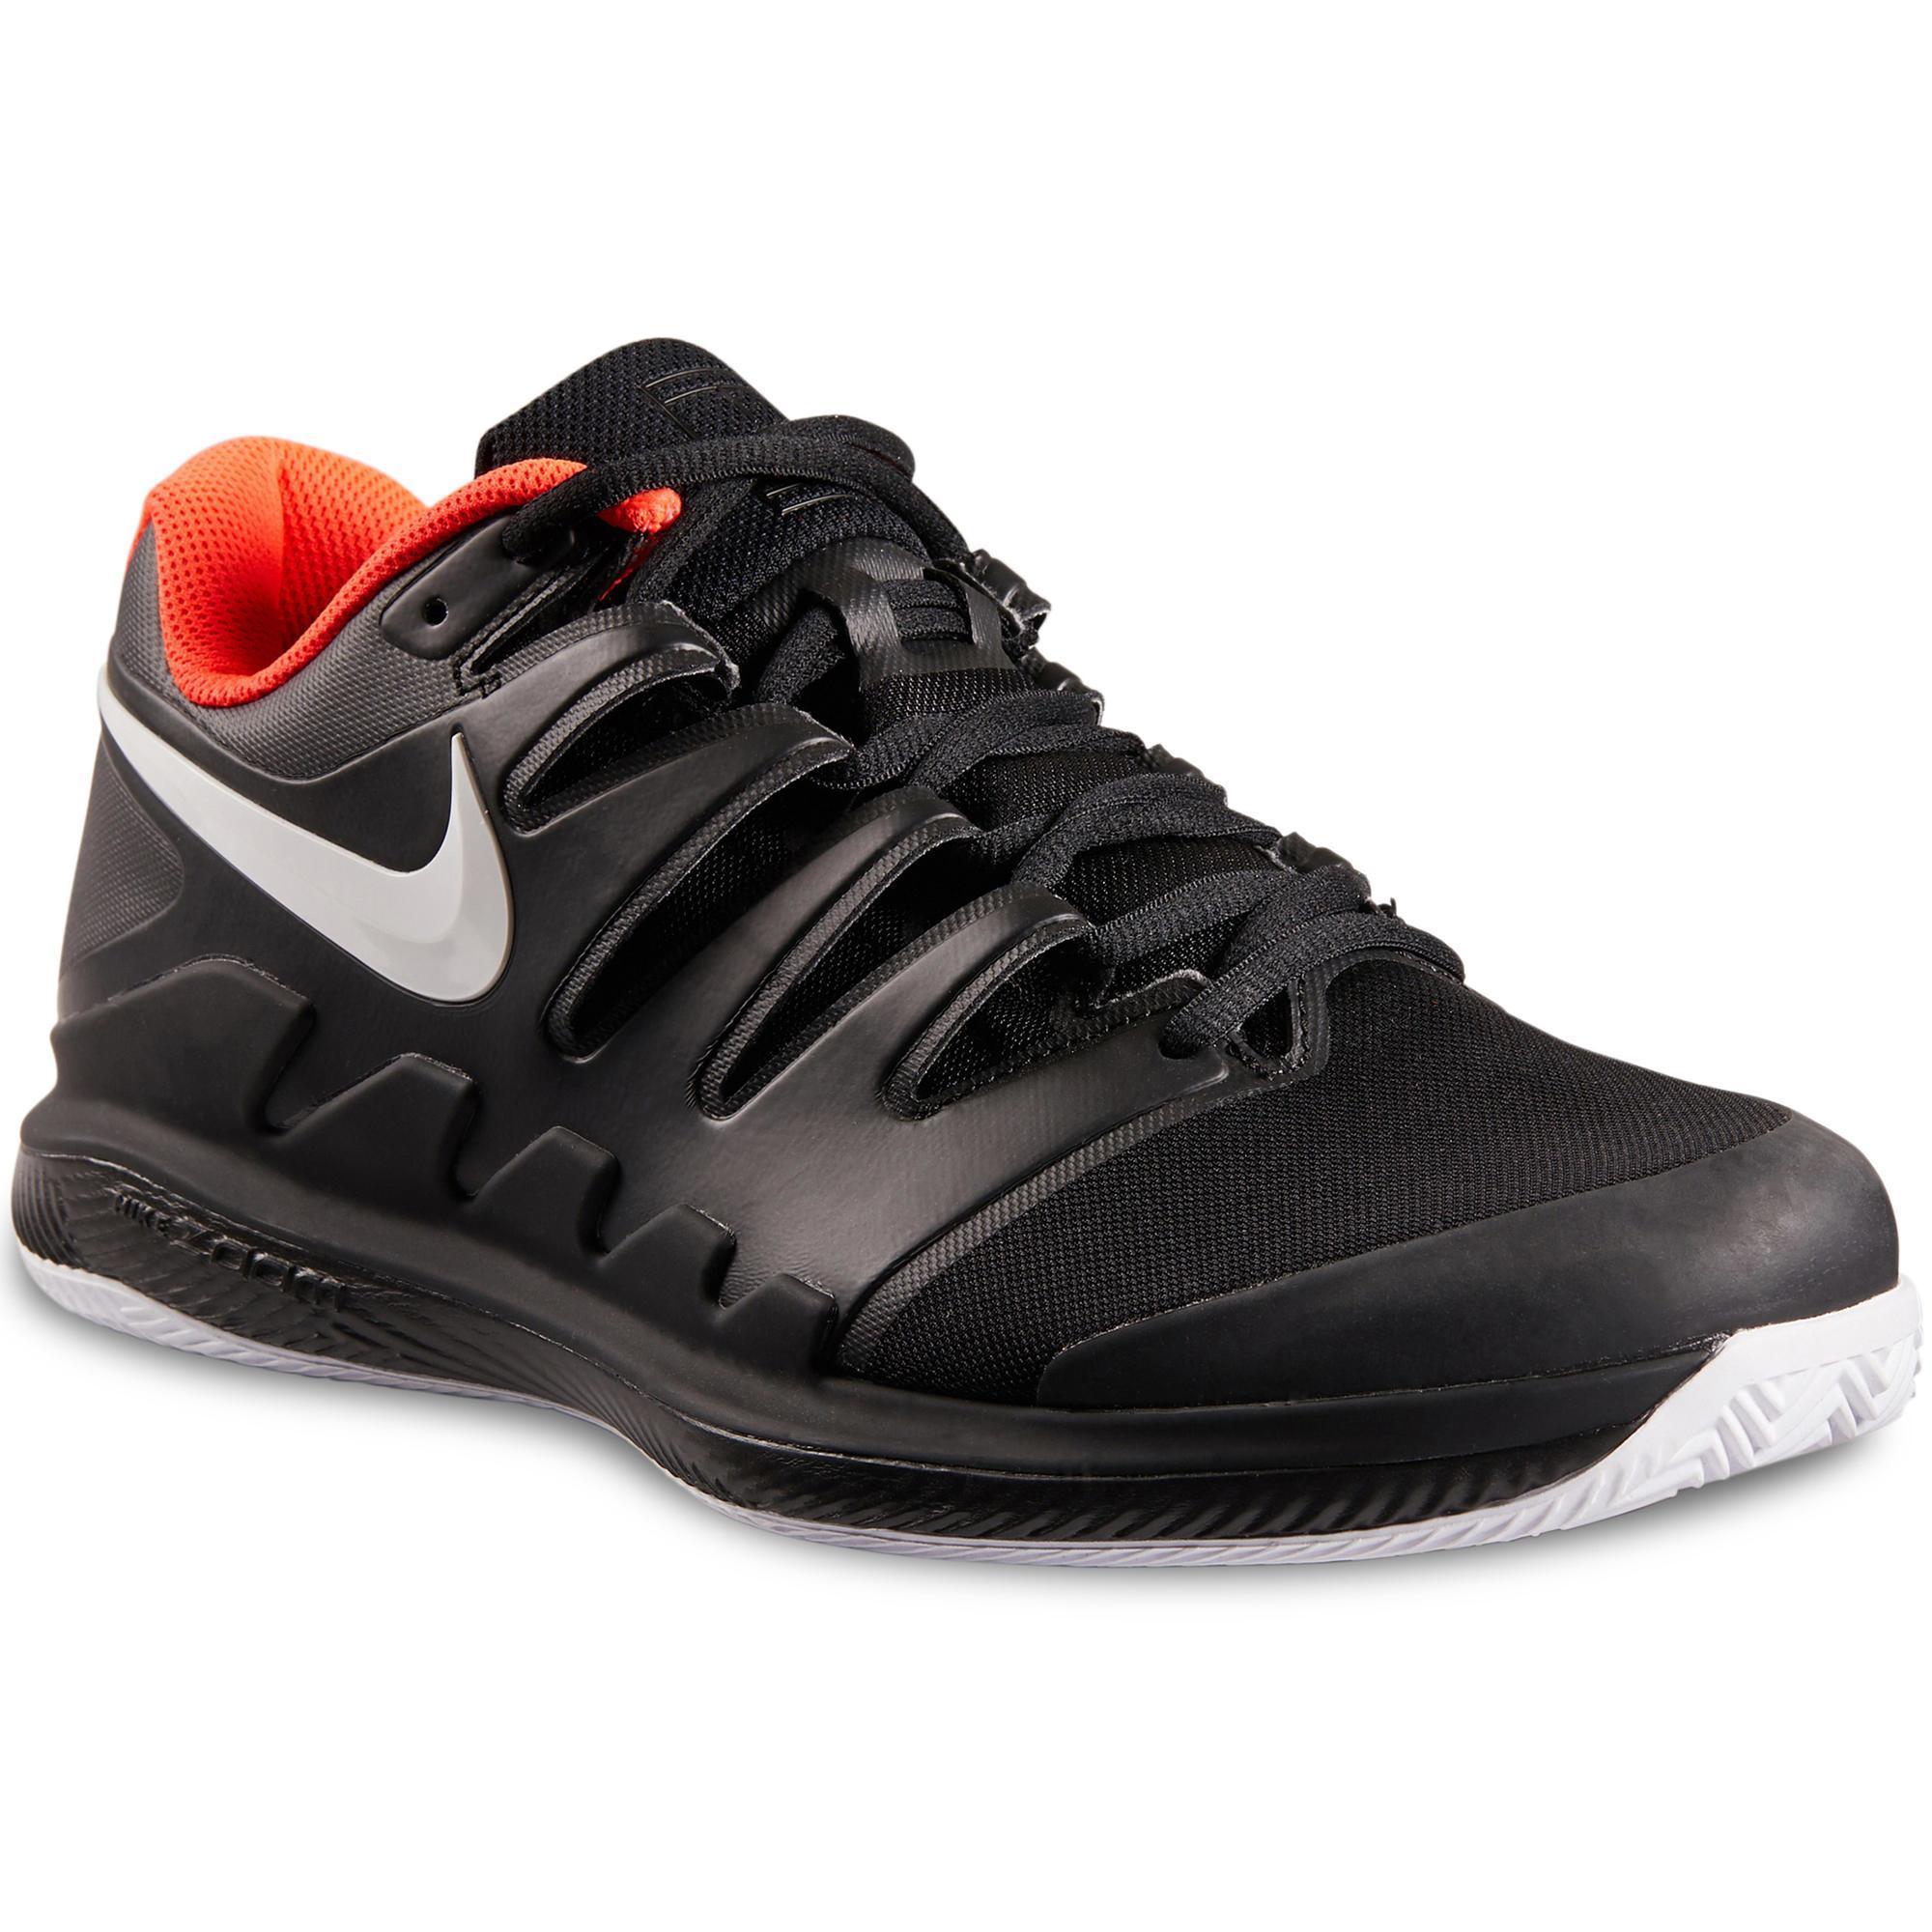 adb8228f Comprar Zapatillas y calzado de tenis hombre | Decathlon